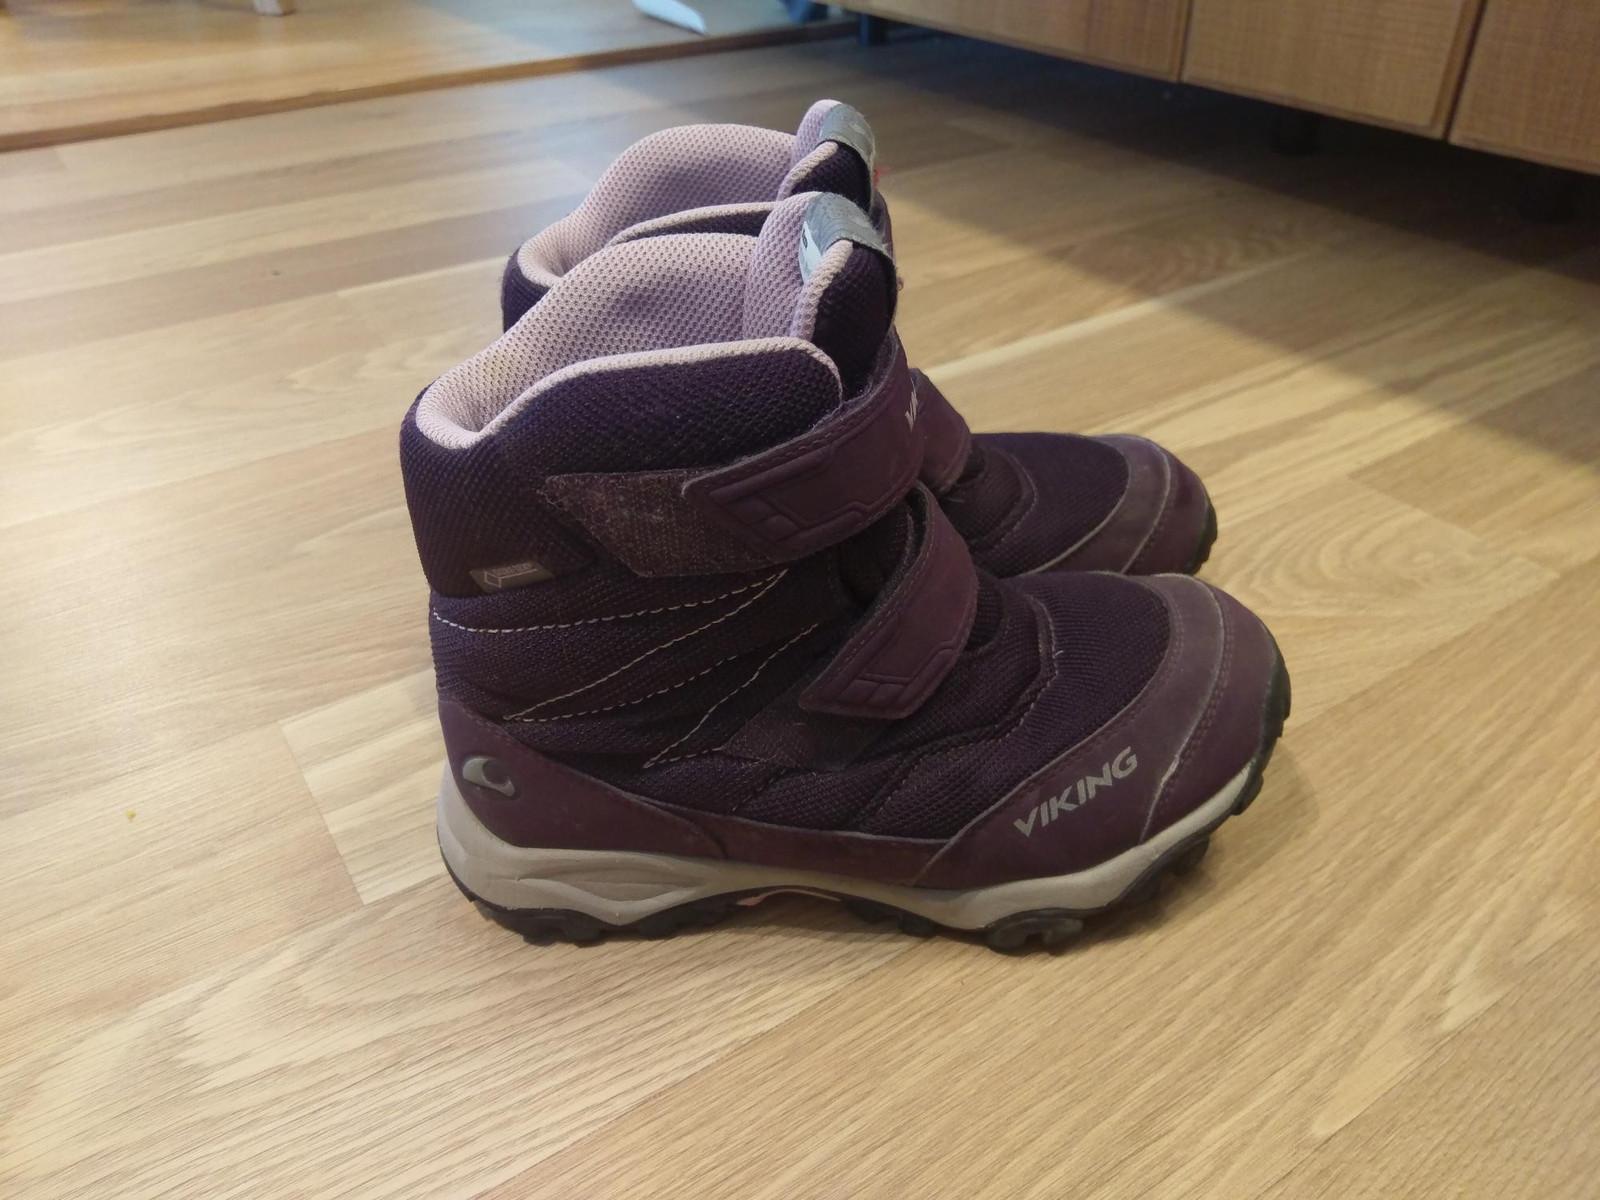 Viking skoene | FINN.no